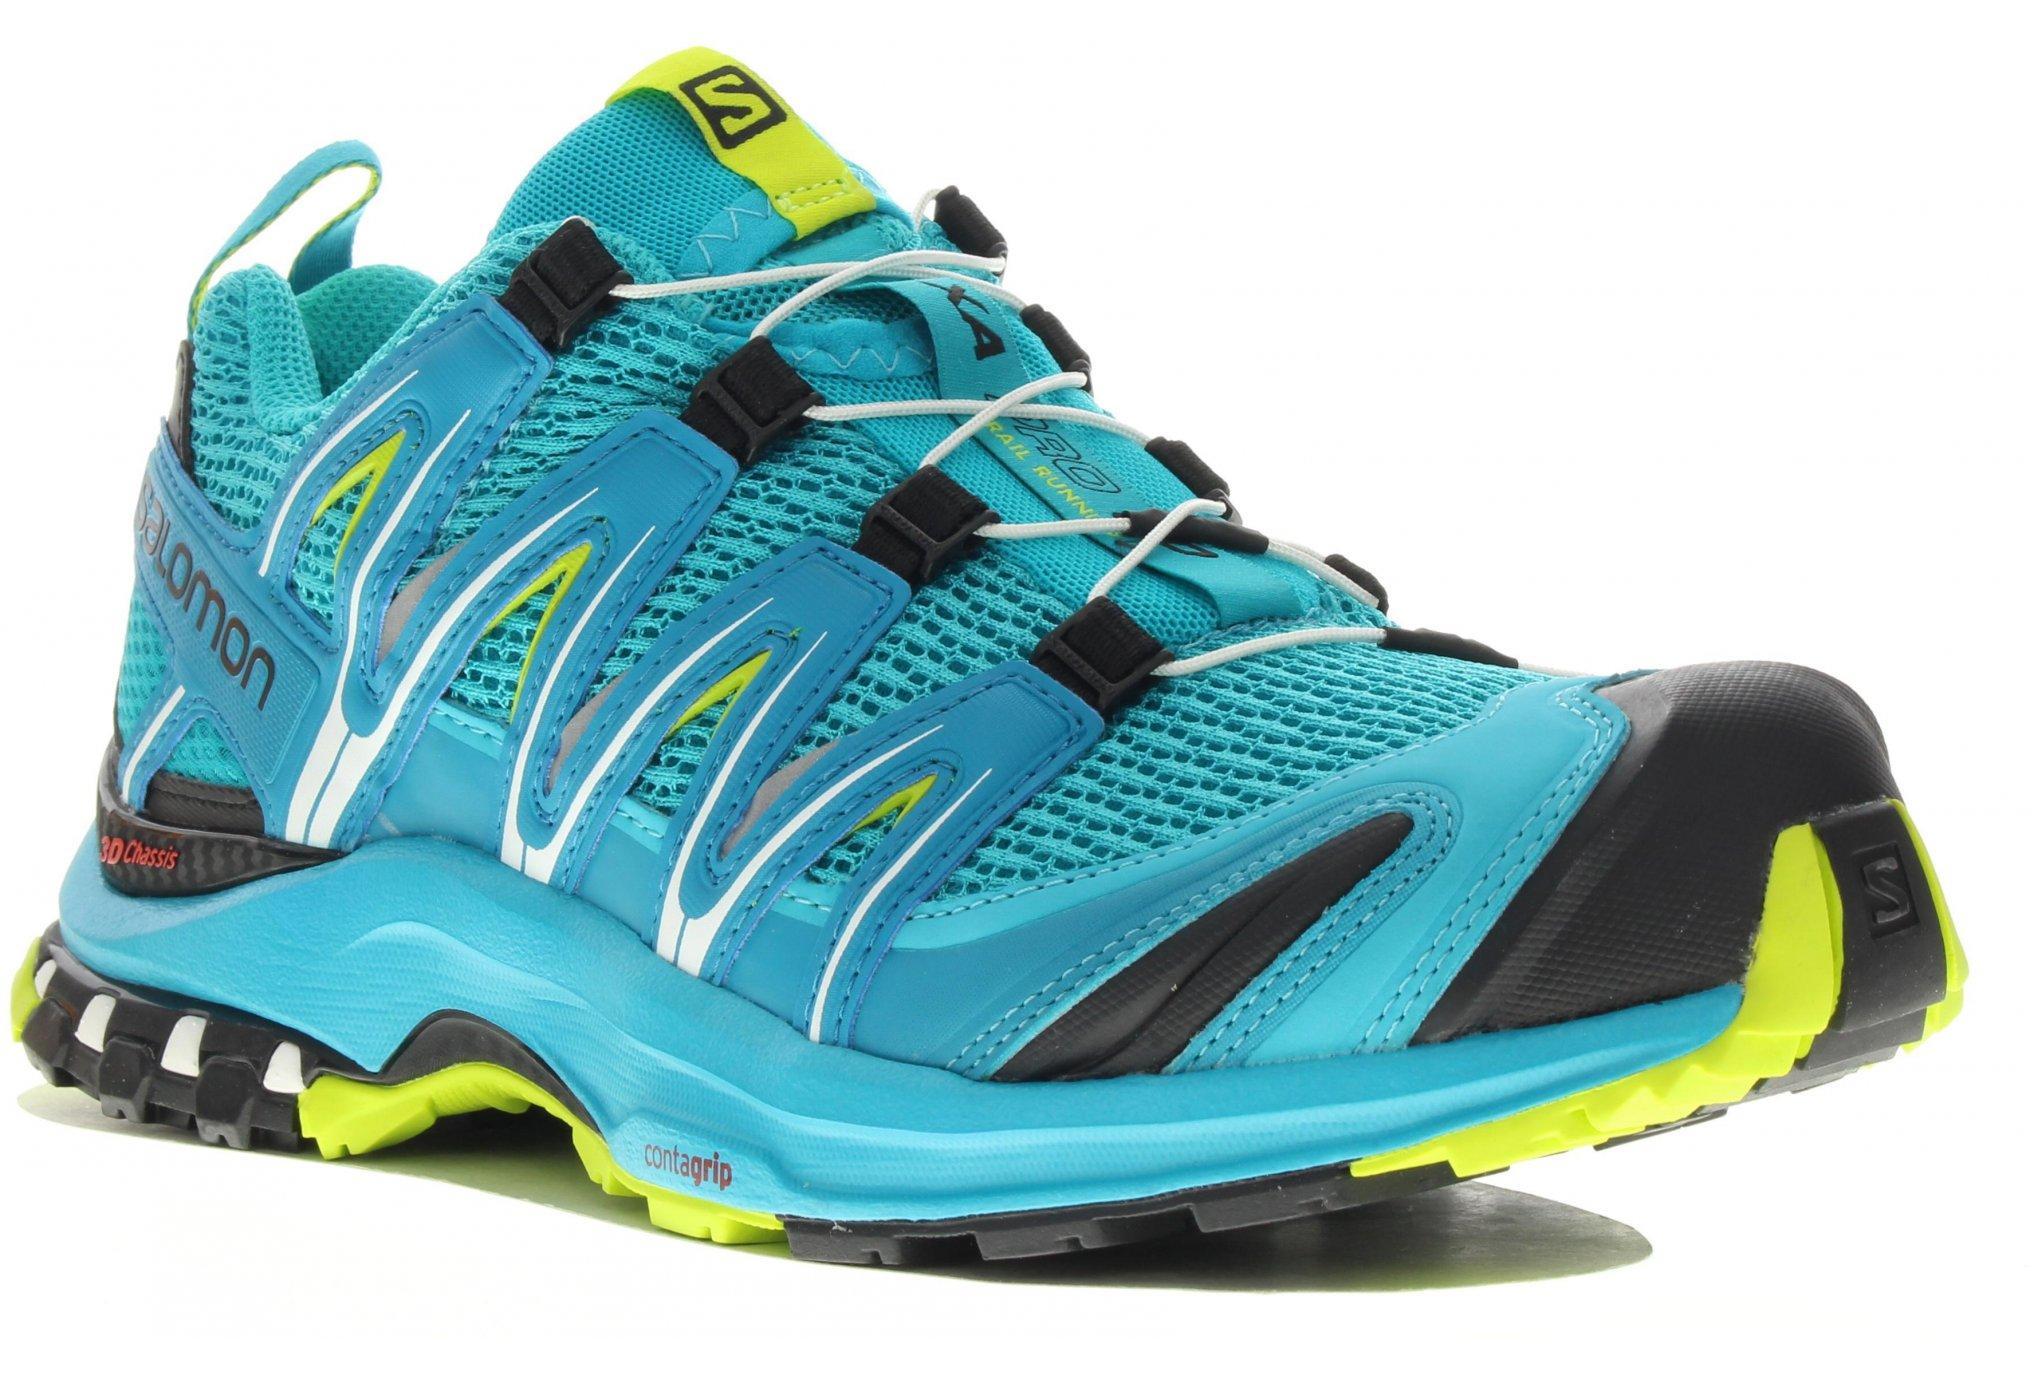 Salomon XA Pro 3D W Chaussures running femme